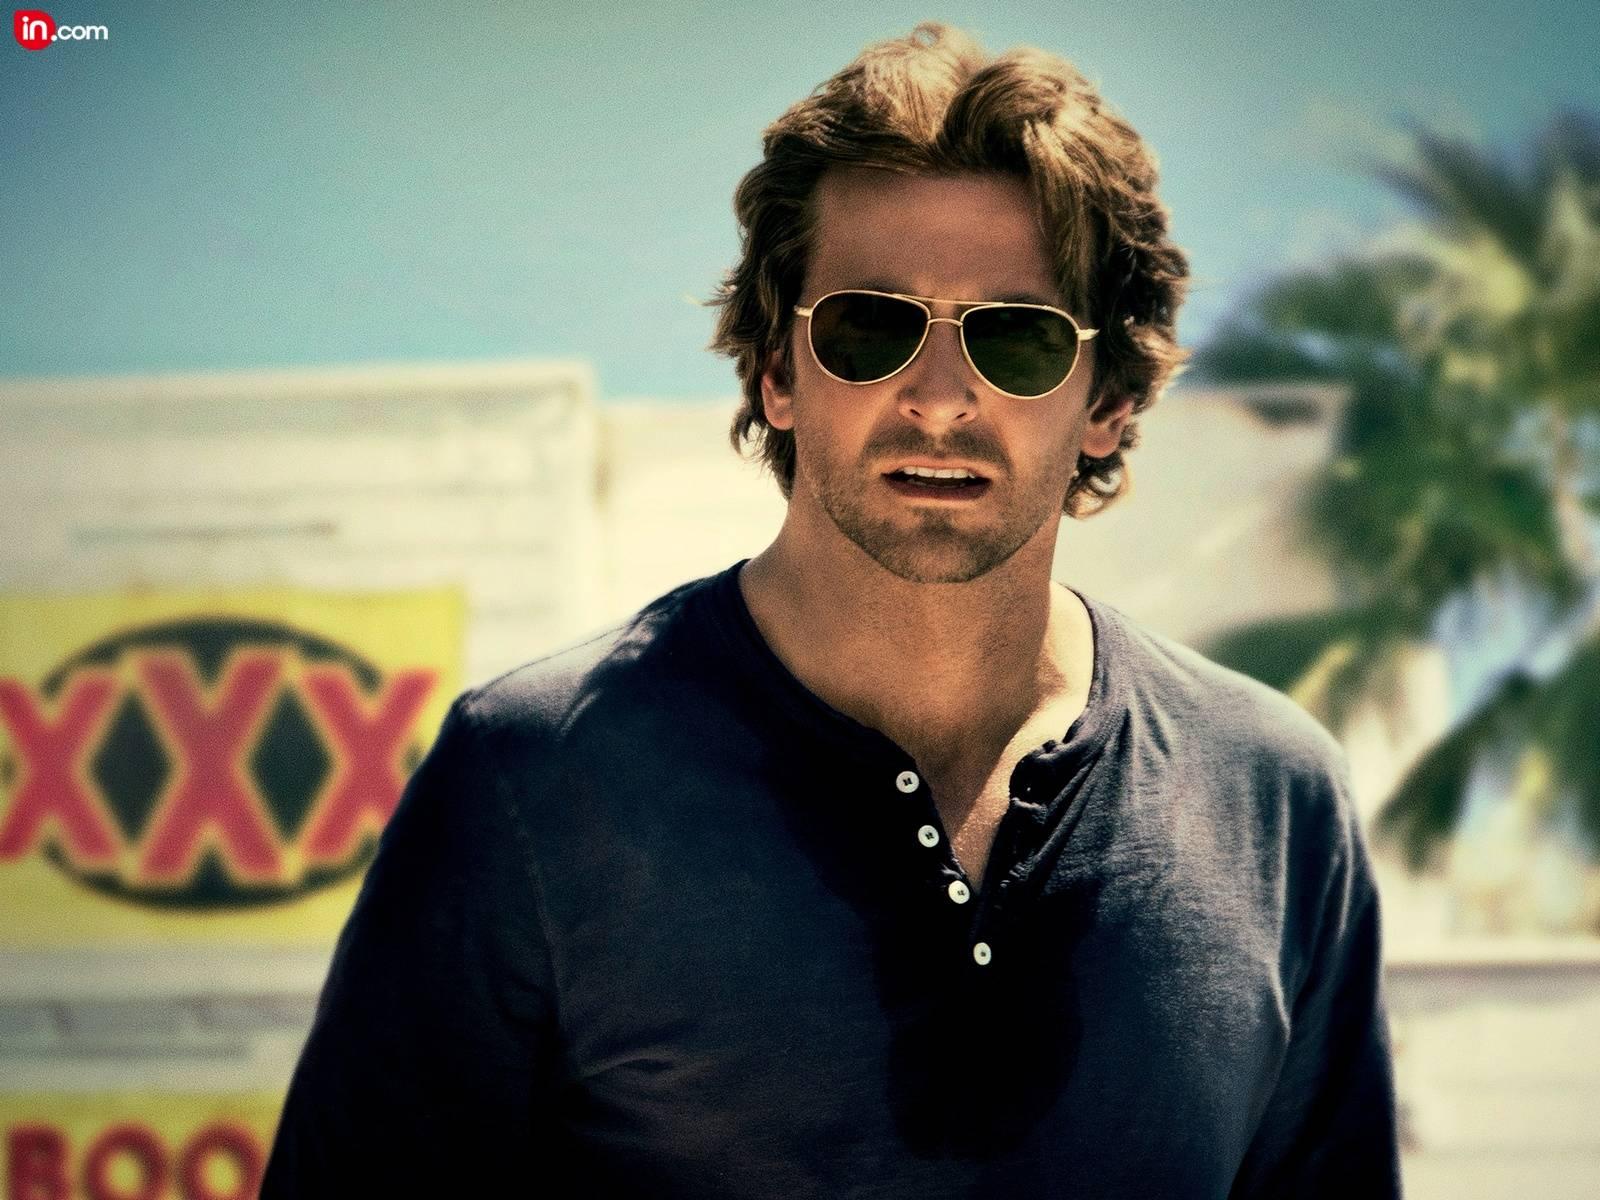 Bradley Cooper Wallpapers 1600x1200